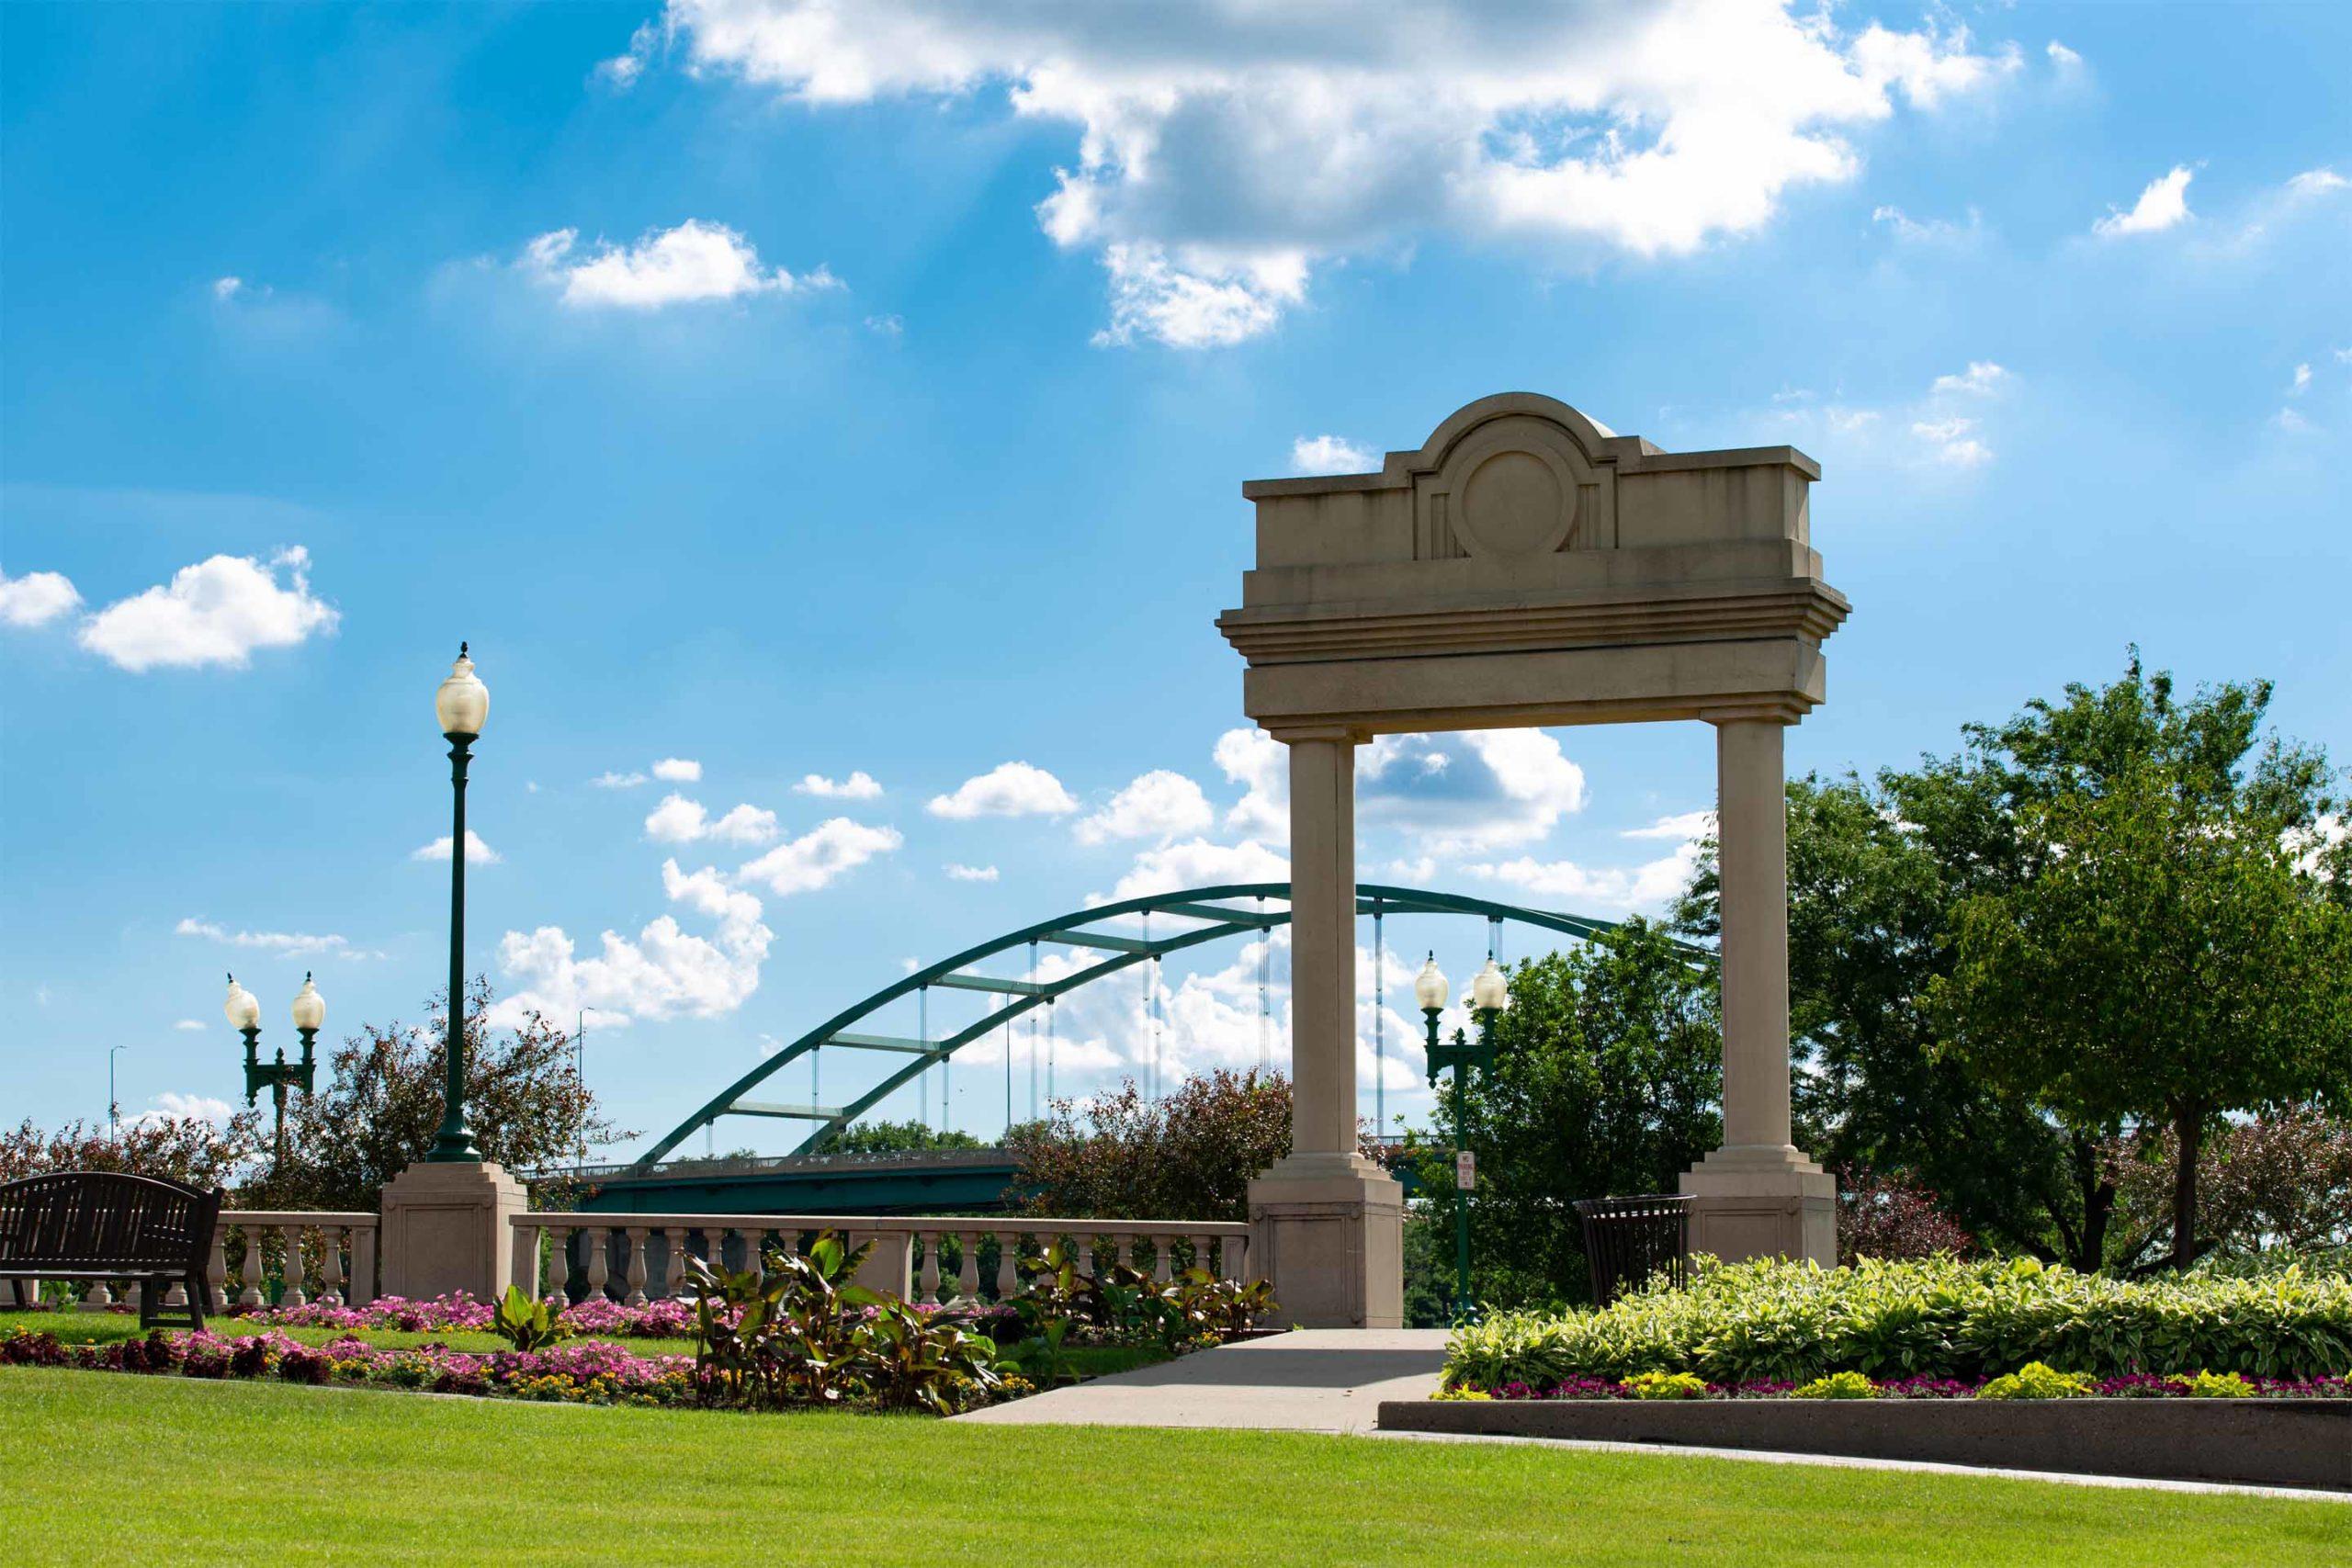 Sioux City Riverfront